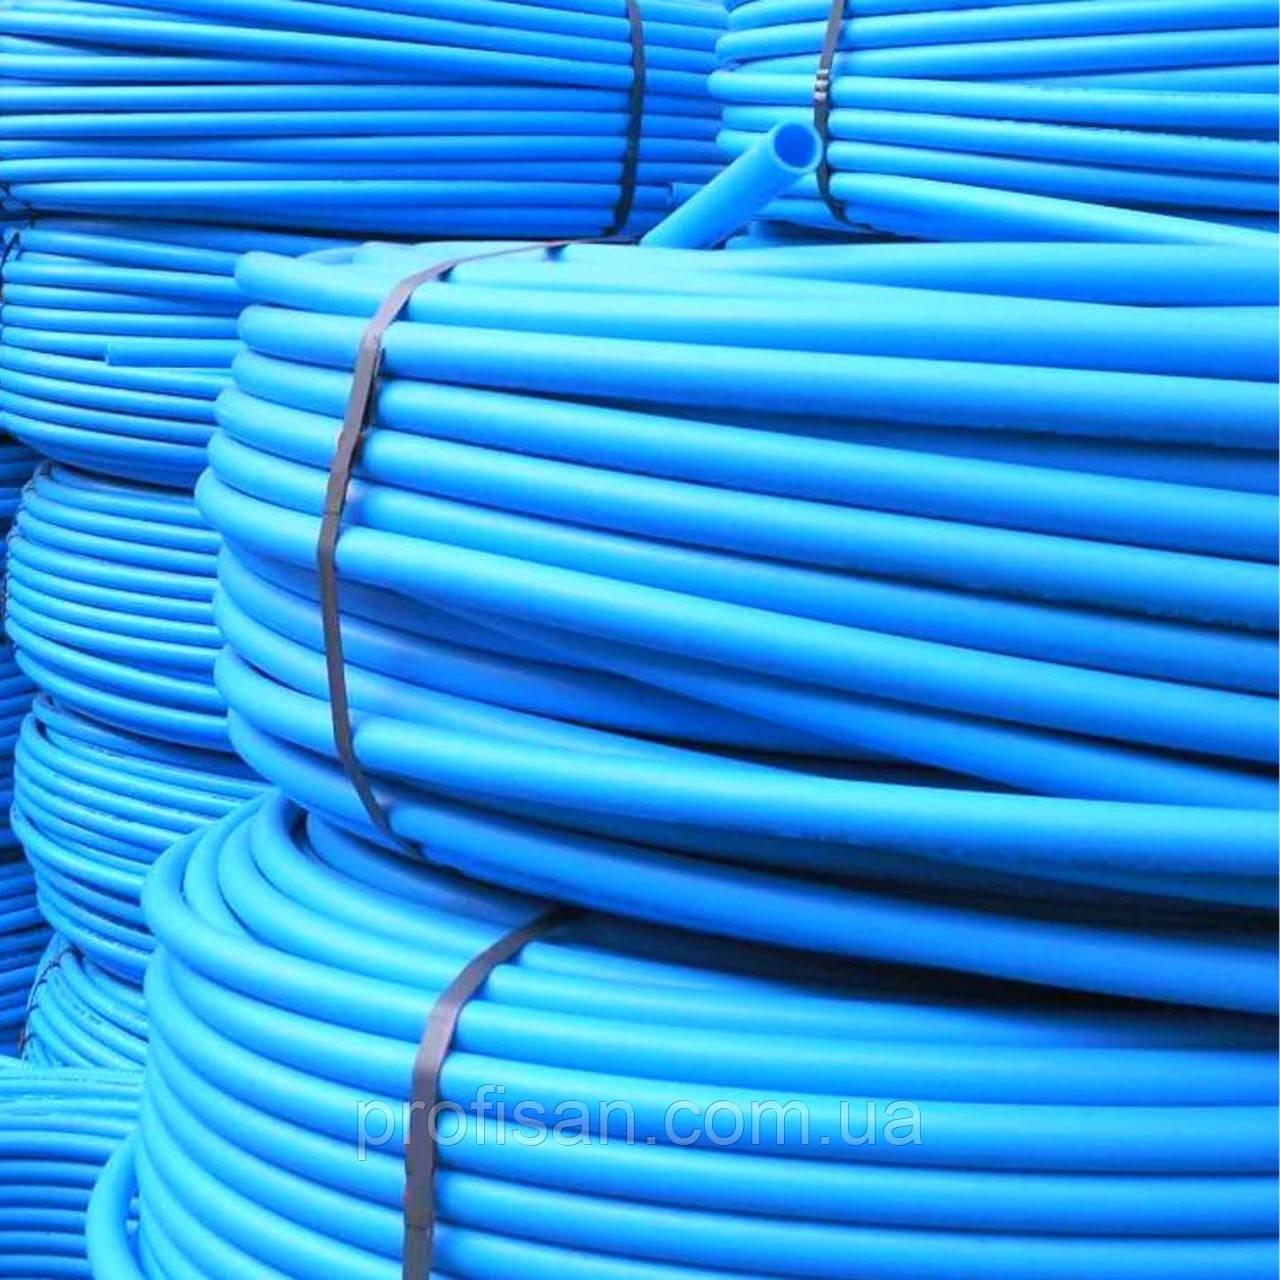 Труба ПЕ питна (синя) ф 32x2.4 мм PN 10 (ДСТУ)